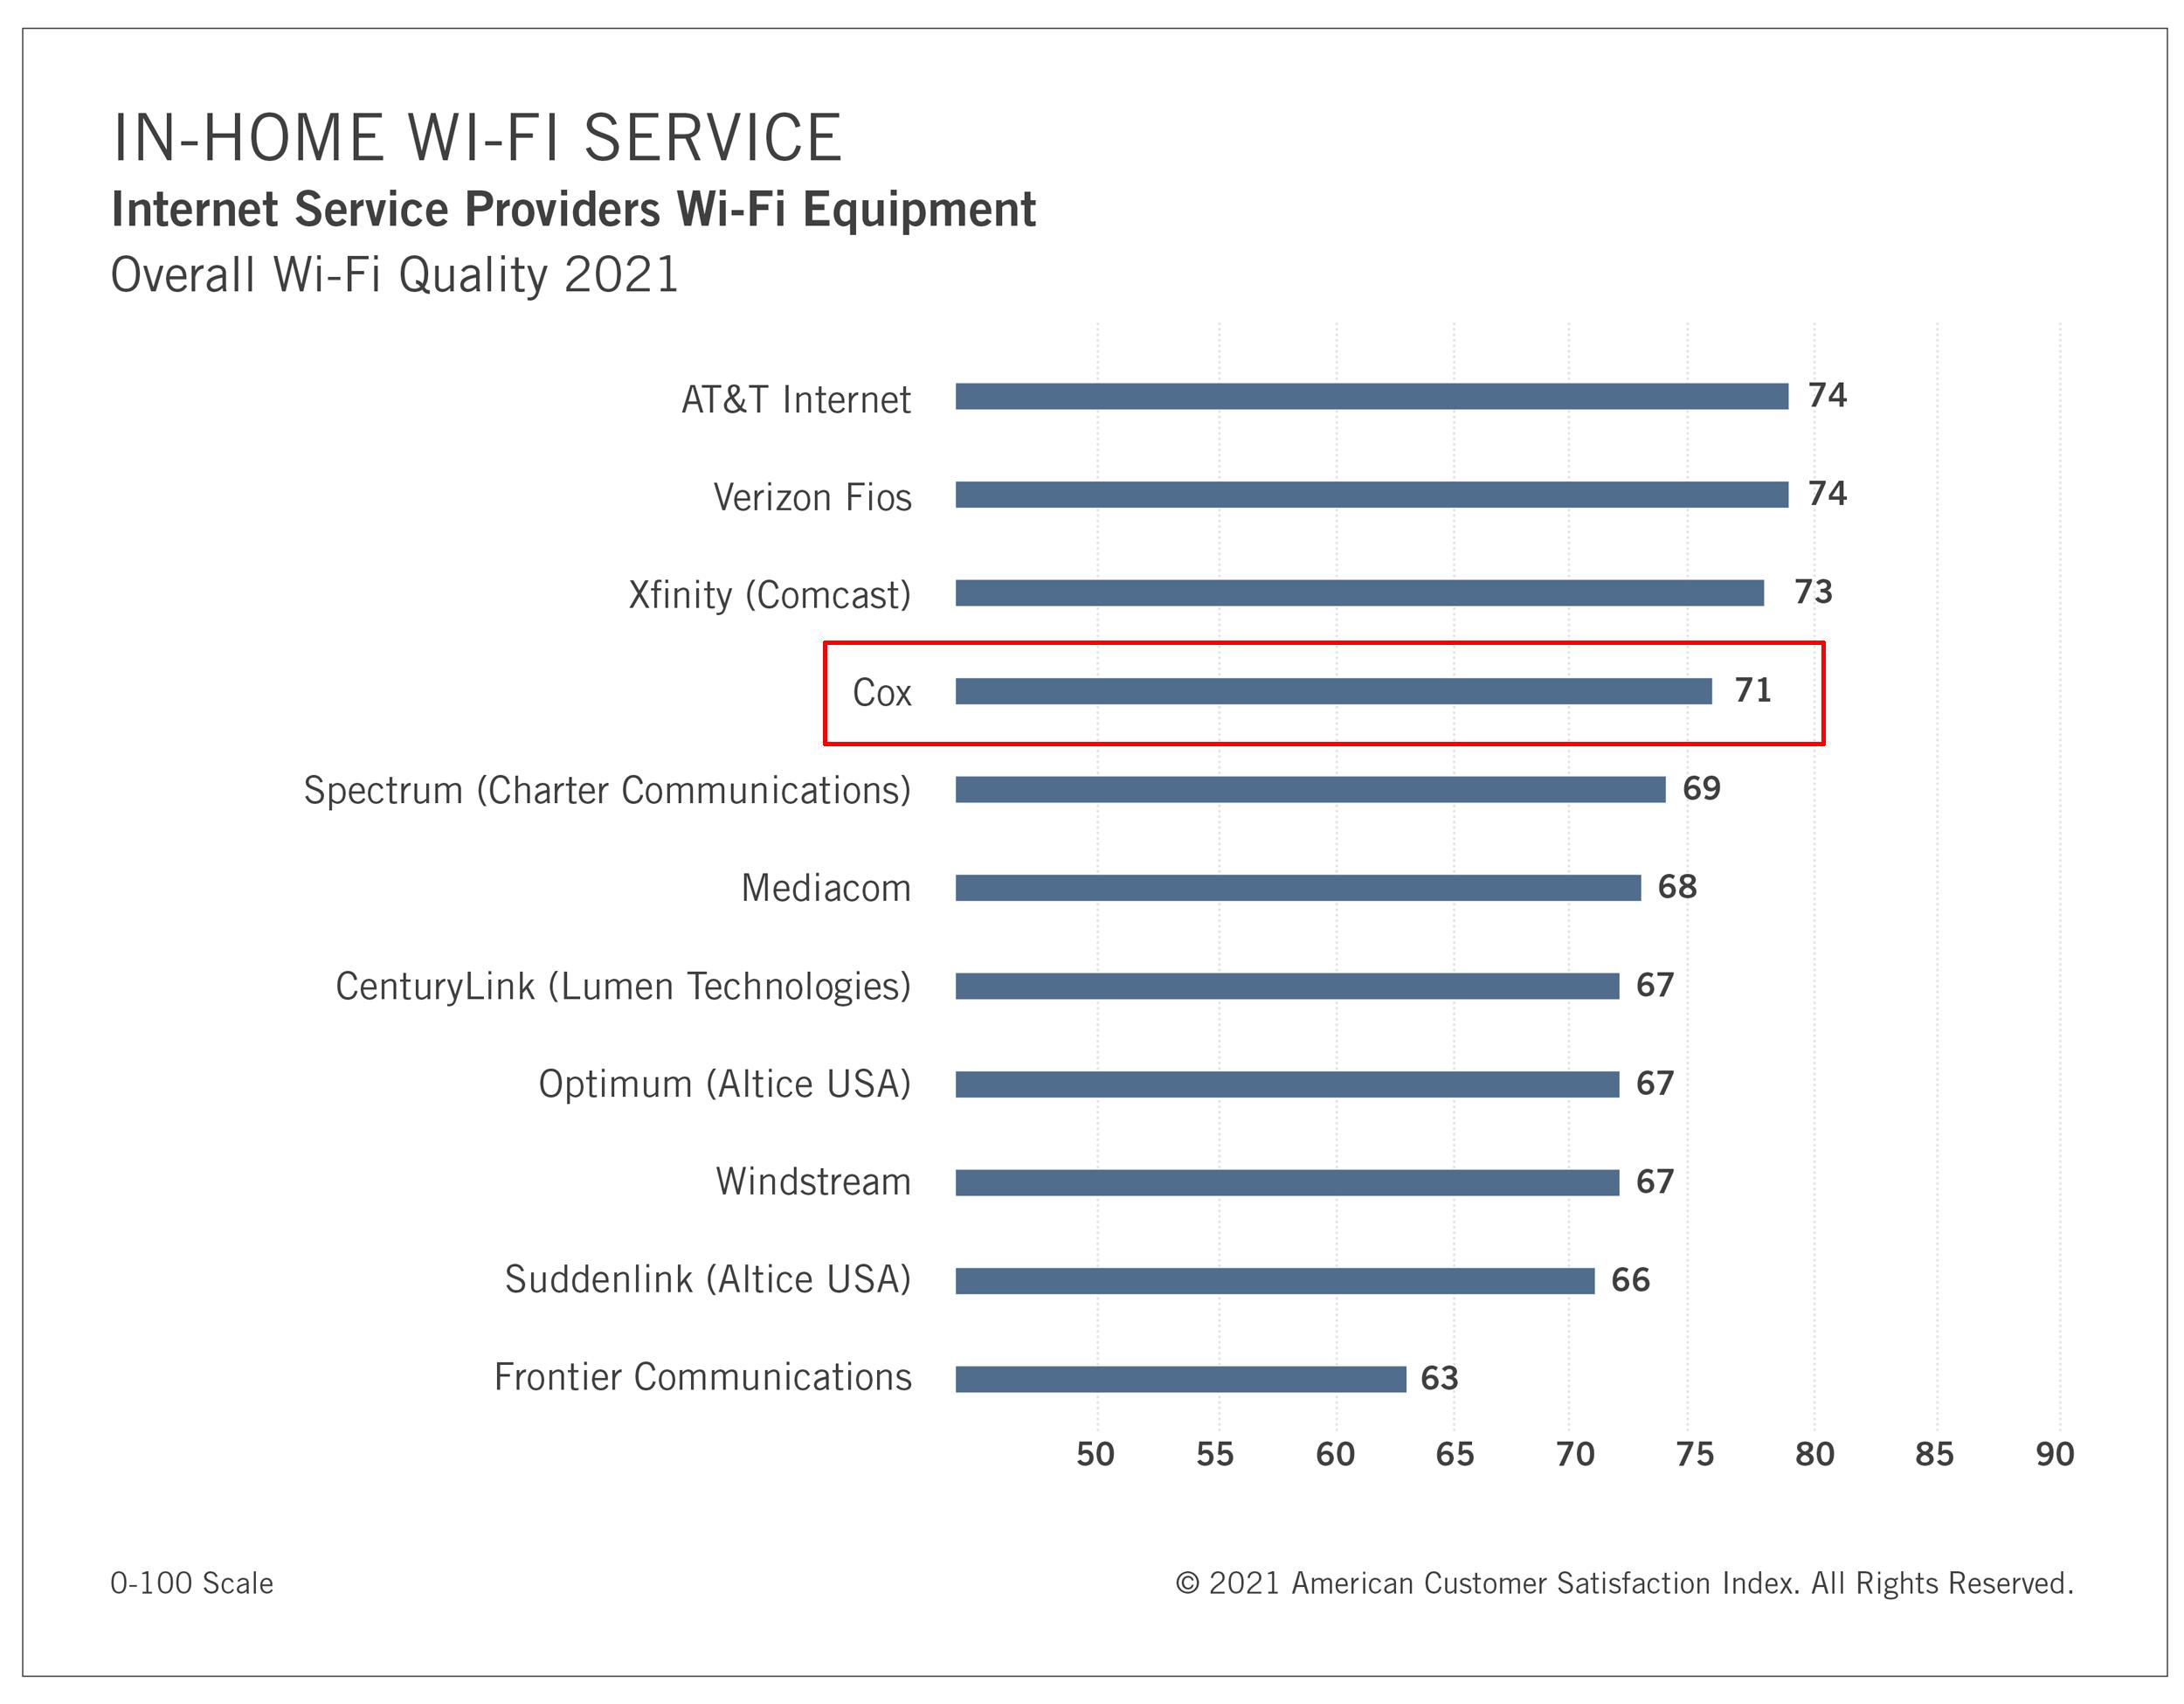 Wi-Fi service quality